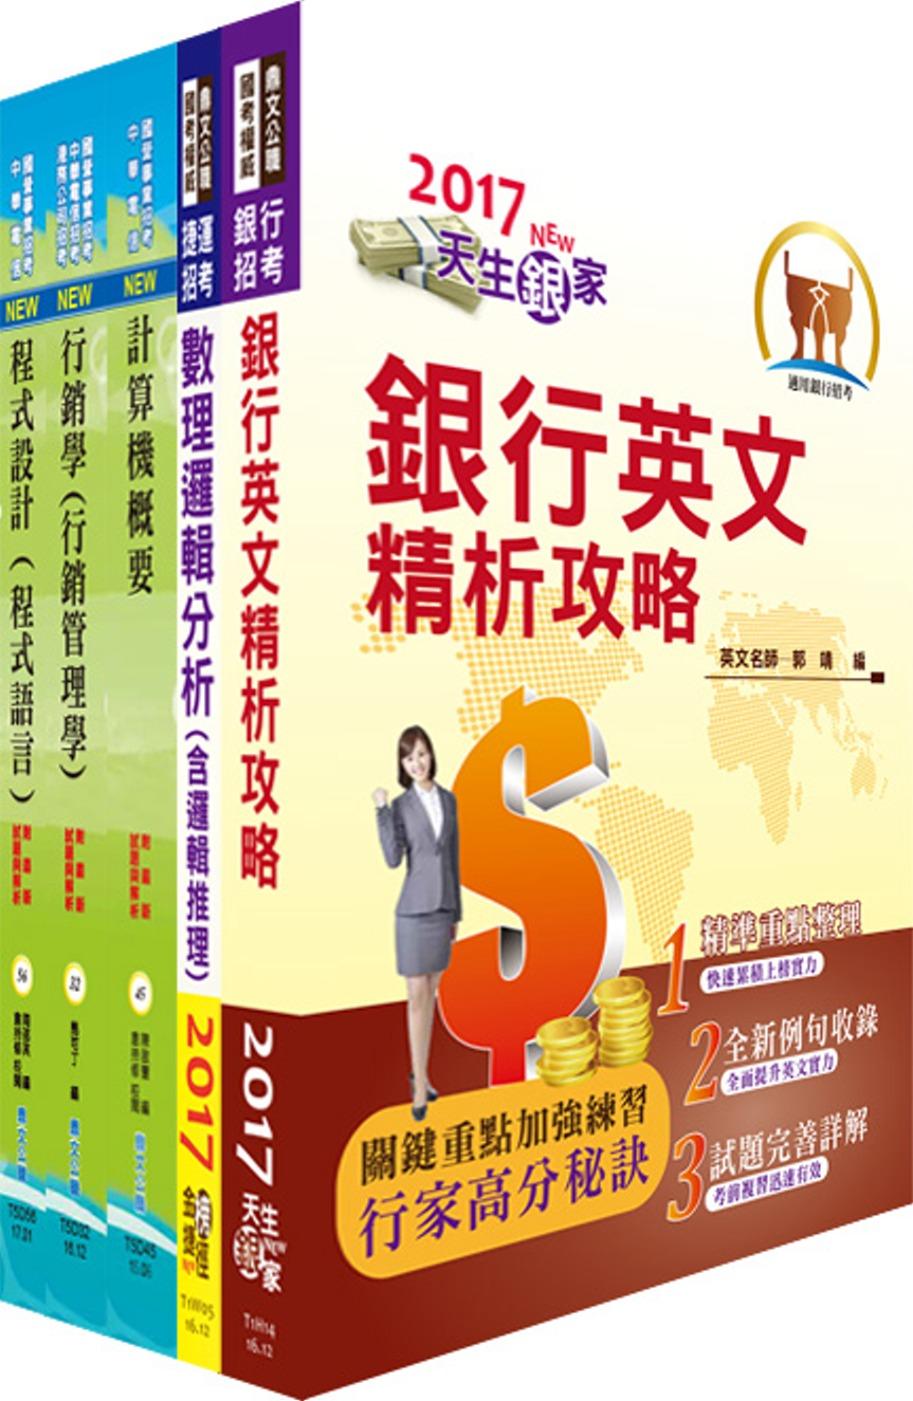 臺灣中小企業銀行(數位銀行暨電子支付產品企劃人員)套書(不含電子商務)(贈題庫網帳號、雲端課程)